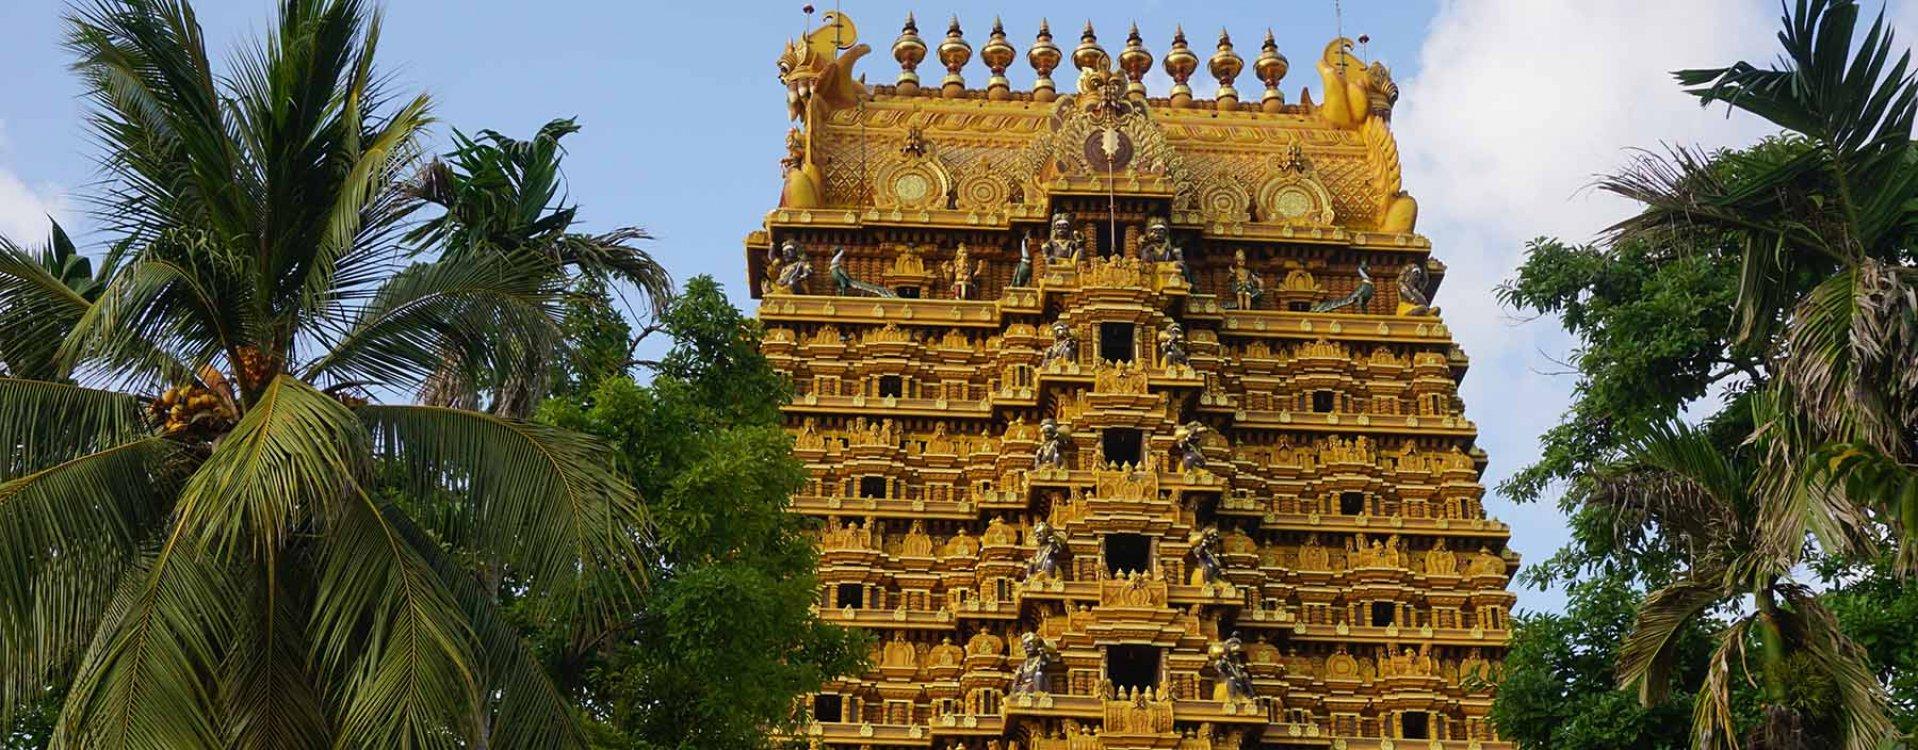 Tempel in Jaffna